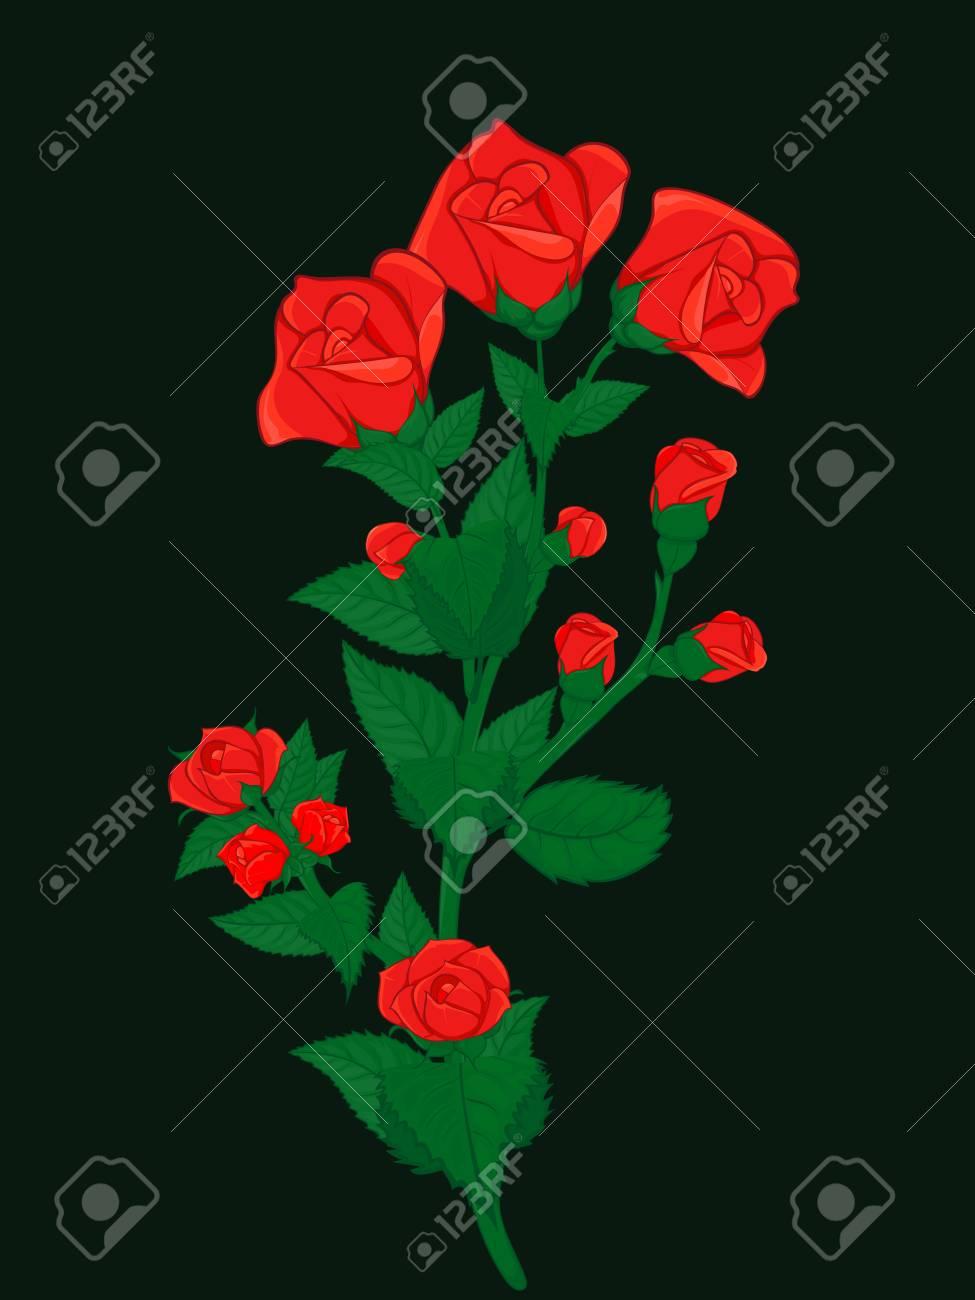 foto de archivo ramo de rosas tupidas salpicado de pequeas y grandes yemas de rosas rojas para tarjetas saludos y decoraciones - Fotos De Rosas Rojas Grandes